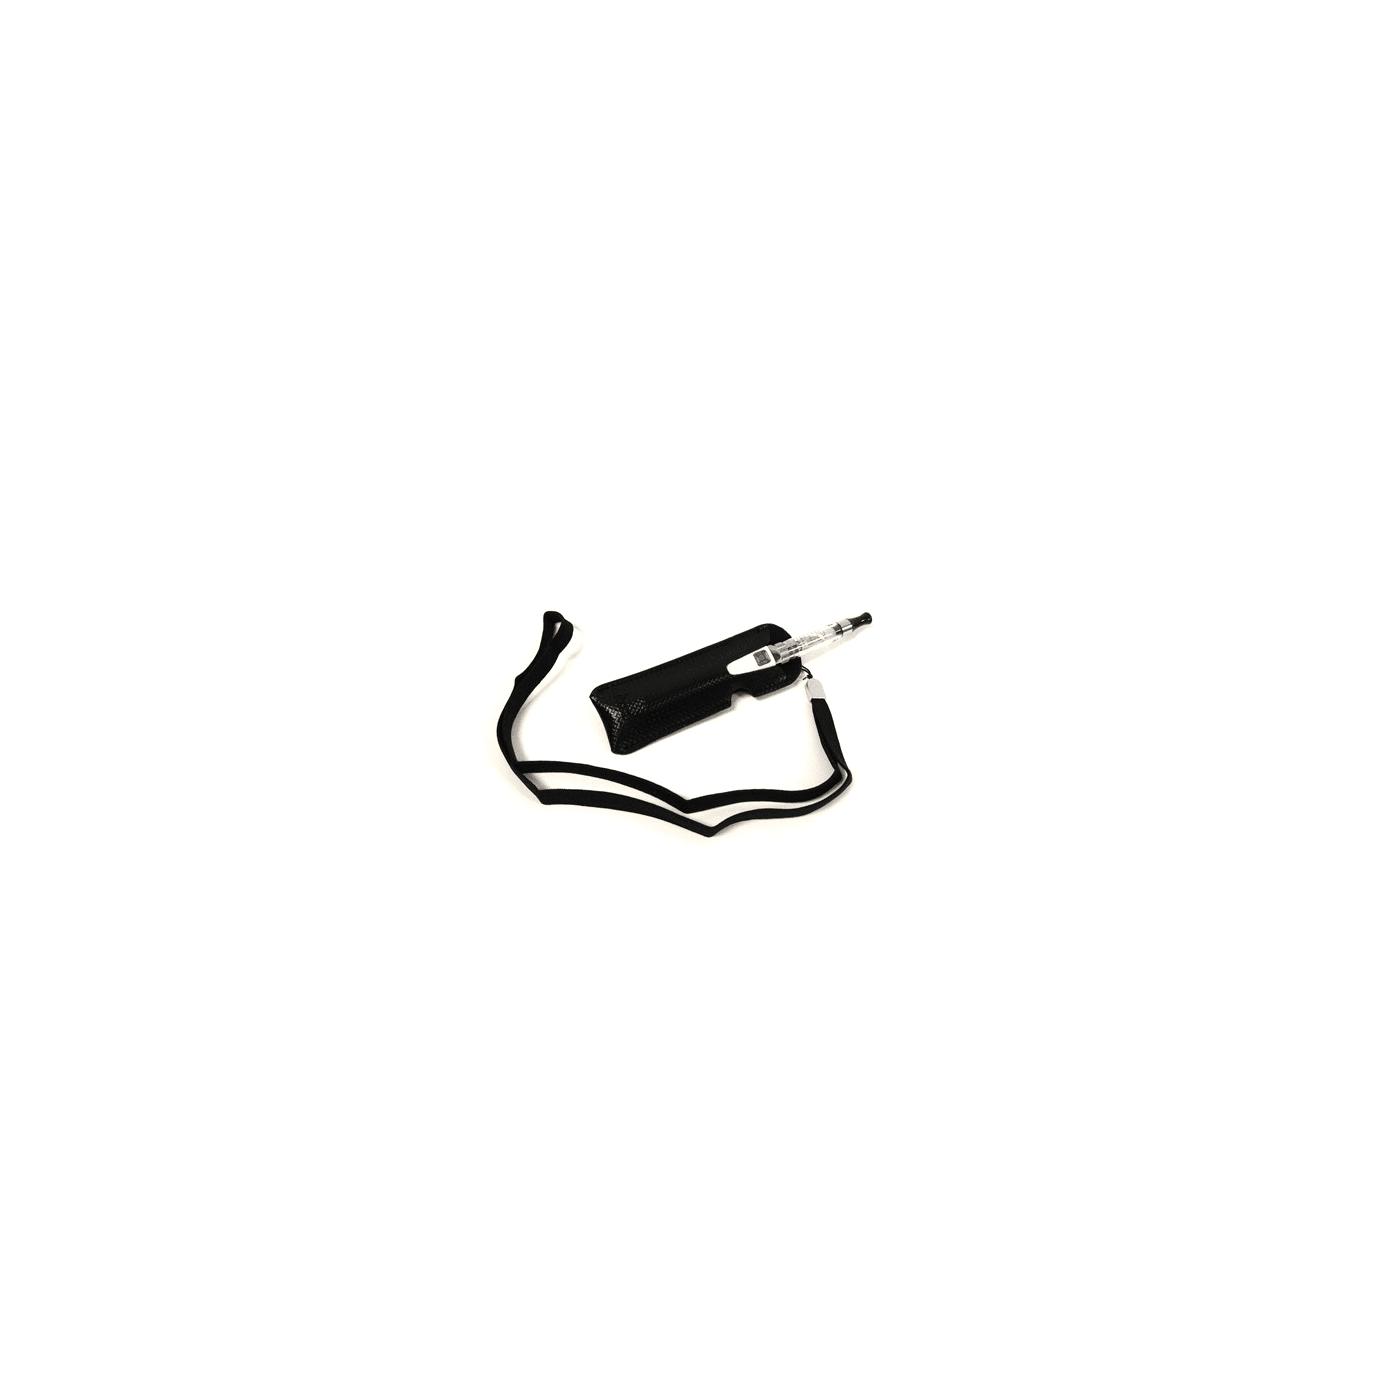 Innokin iTaste Pouch Lanyard - Black